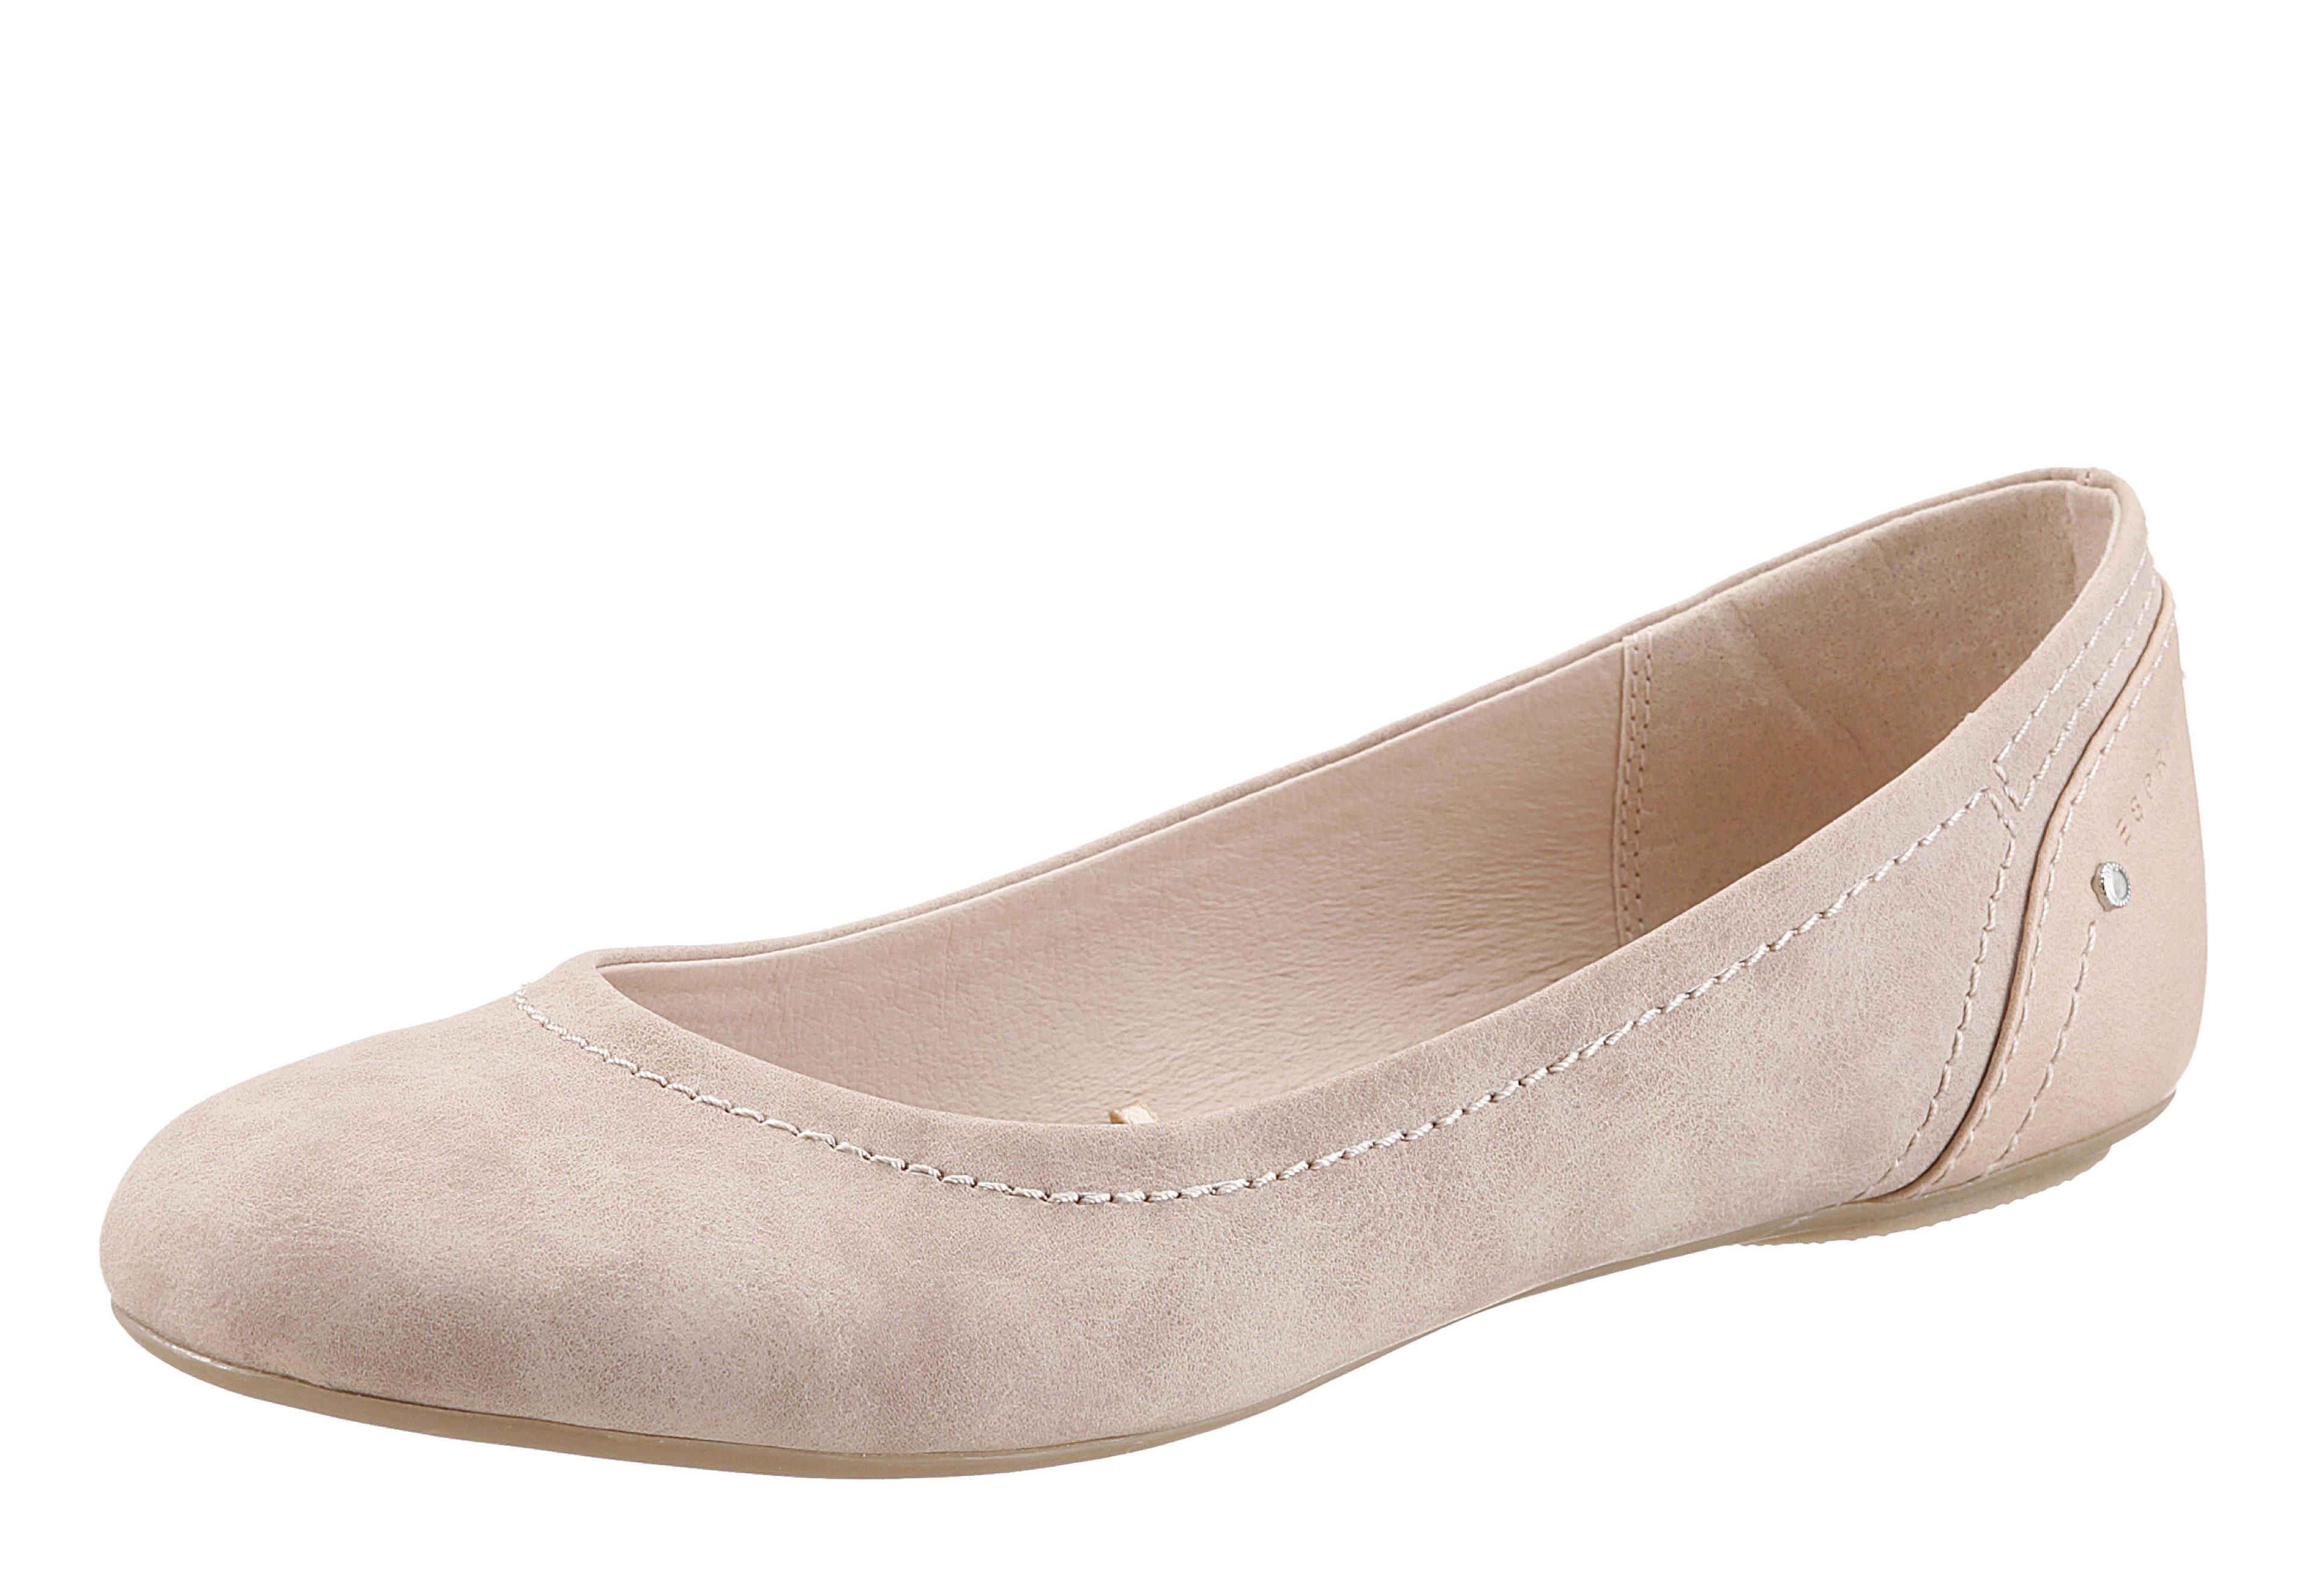 Preise Und Verfügbarkeit Für Verkauf Wildleder- Ballerinas Dames Blauw Pieces Geniue Händler Online Günstig Kaufen Spielraum Einkaufen NGn2lArj6